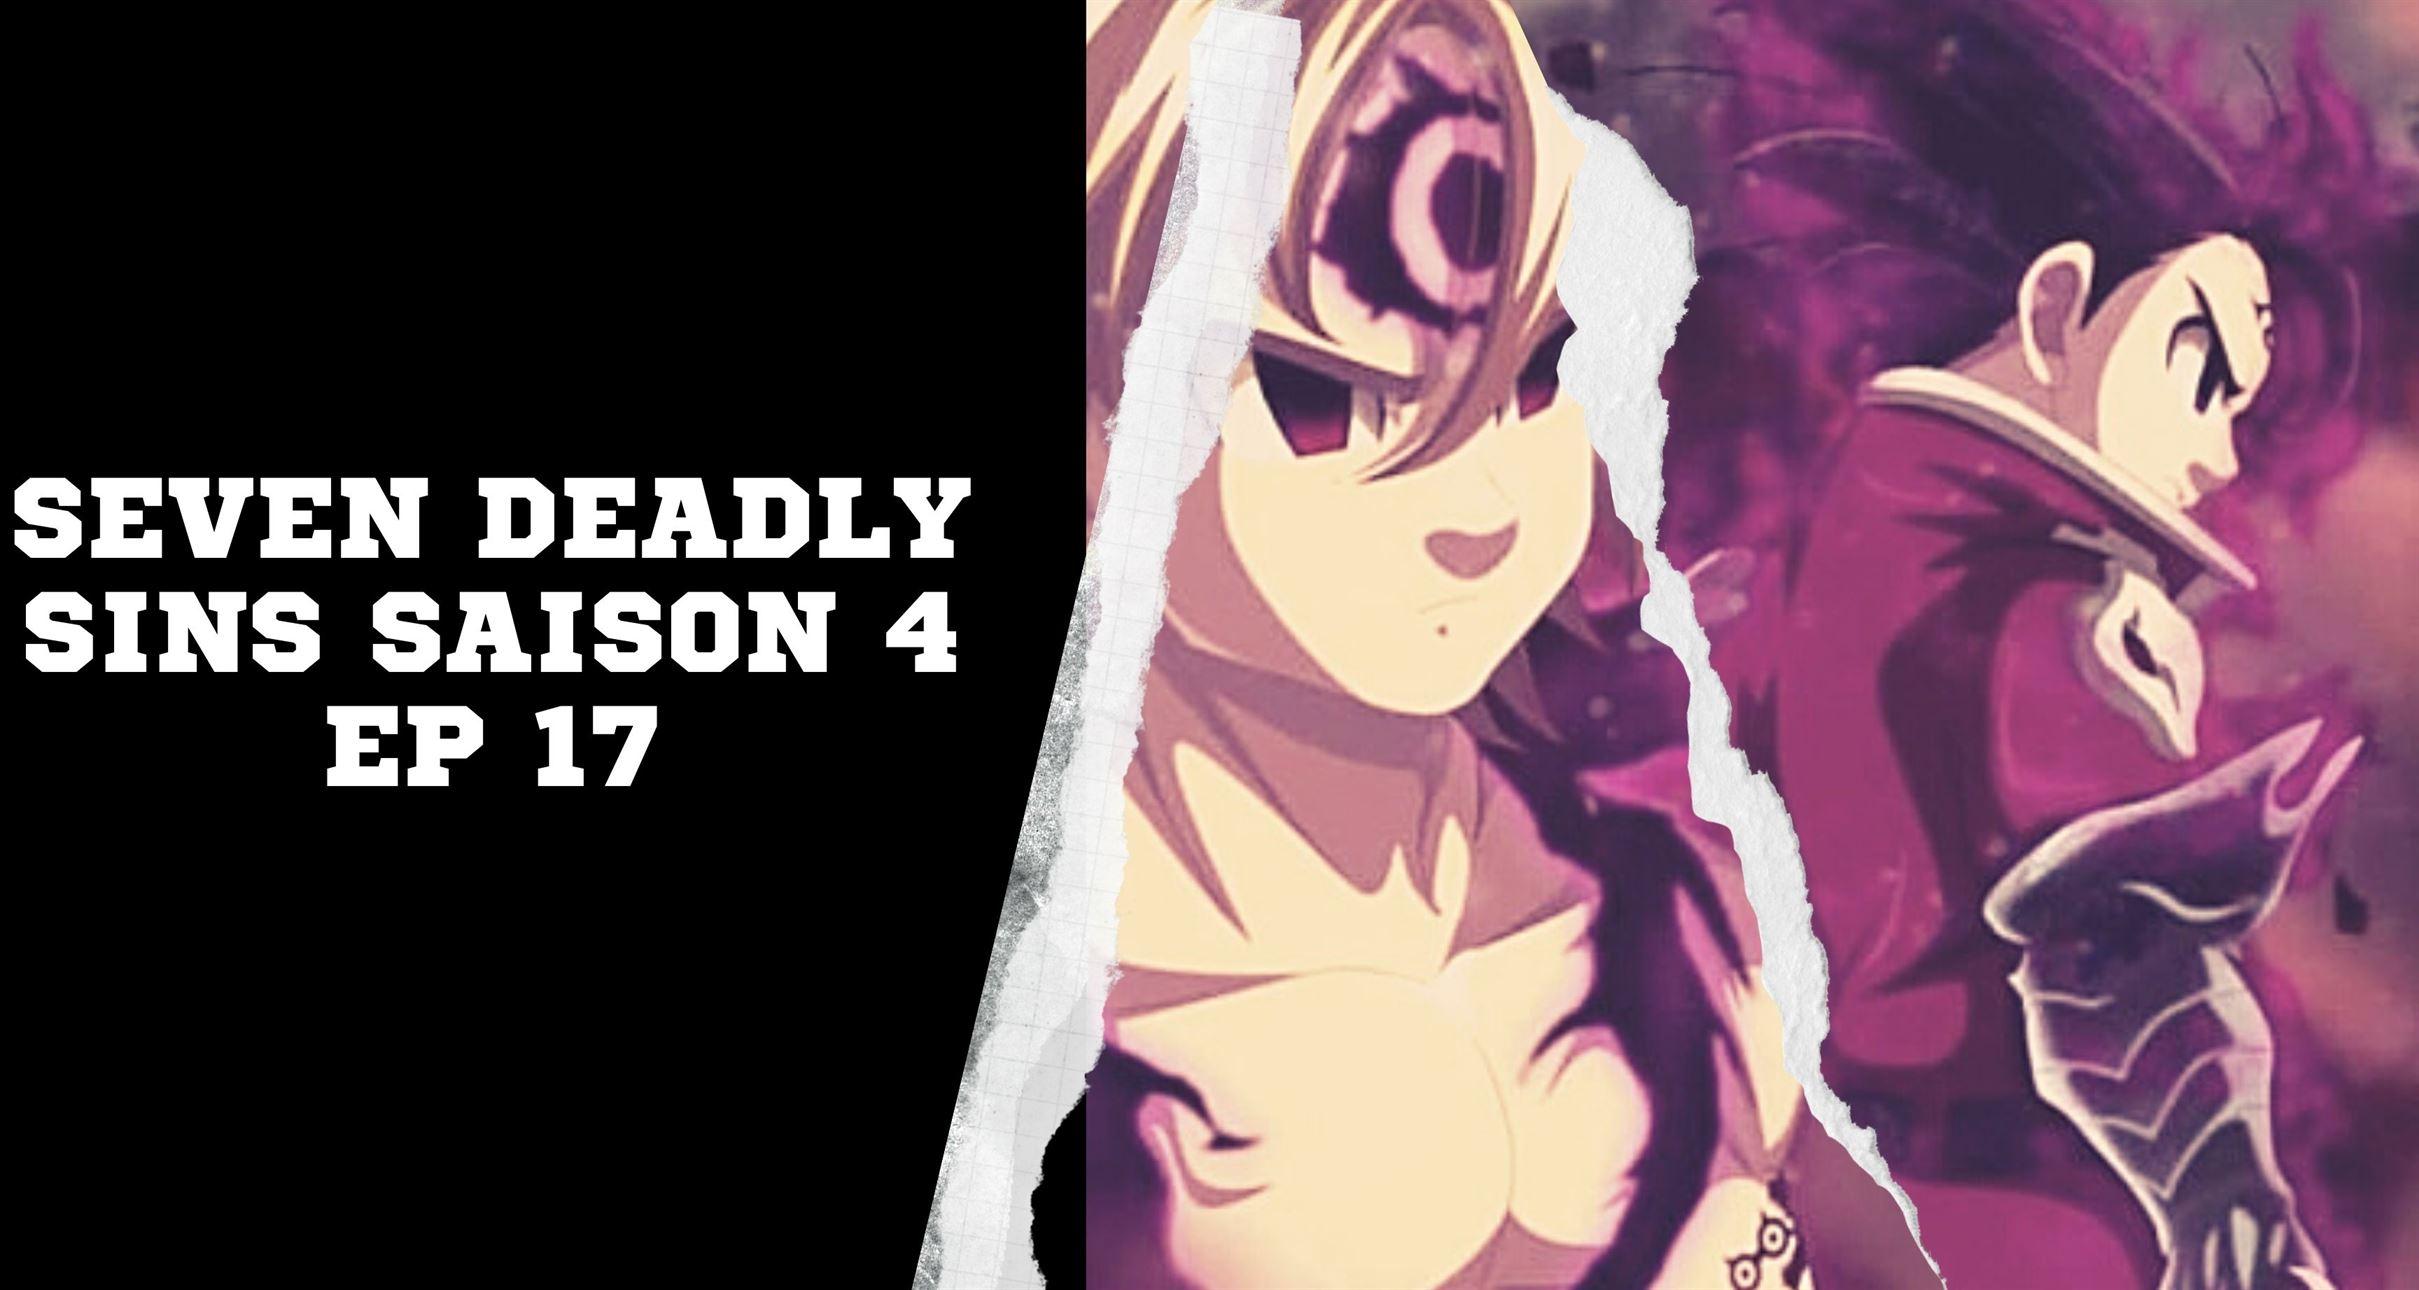 Seven Deadly Sins Saison 4 Ep 17